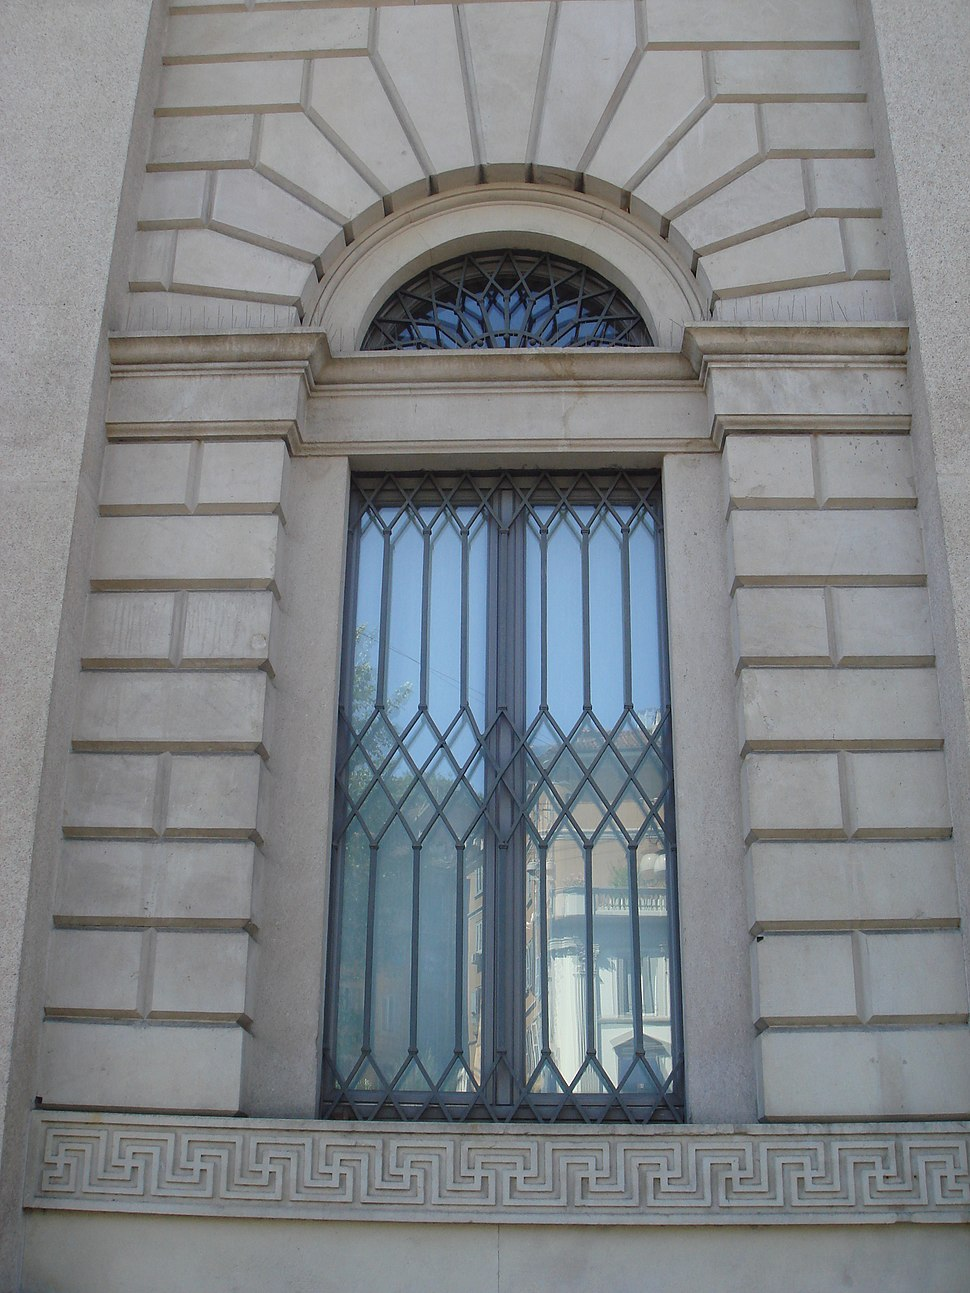 03576 - Porta Venezia, Milano - Dettaglio - Foto Giovanni Dall'Orto 23-Jun-2007